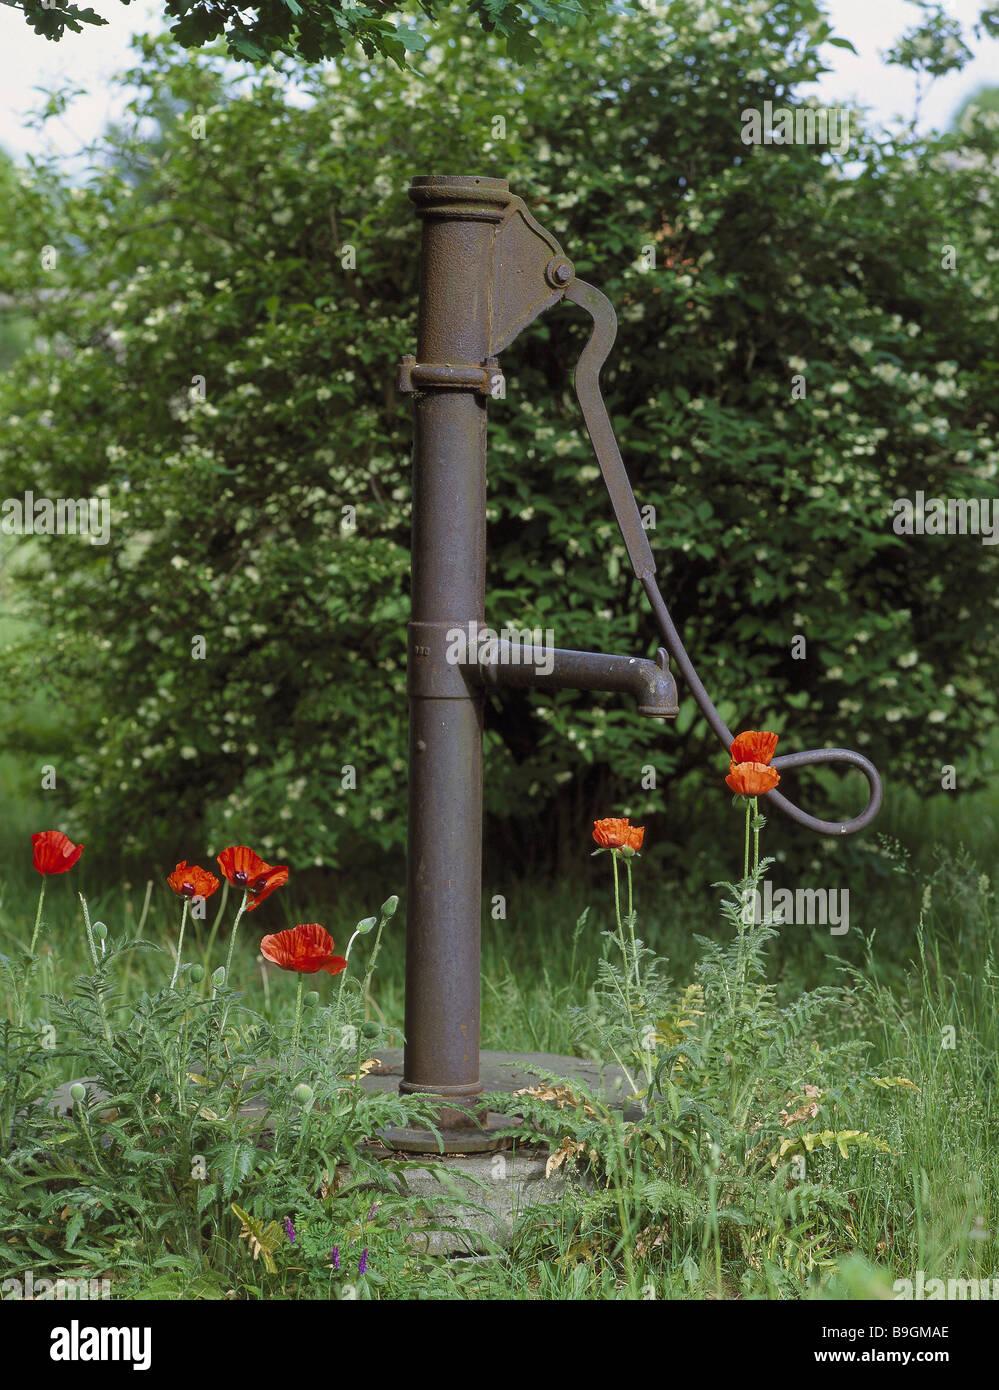 Alte Garten Brunnen Garten Kredit Brunnen Wasser Pumpe Brunnen Welle  Grundwasser Wasserversorgung Wasser Unterstützung Pumpe Mohn Sommer Design Ideas